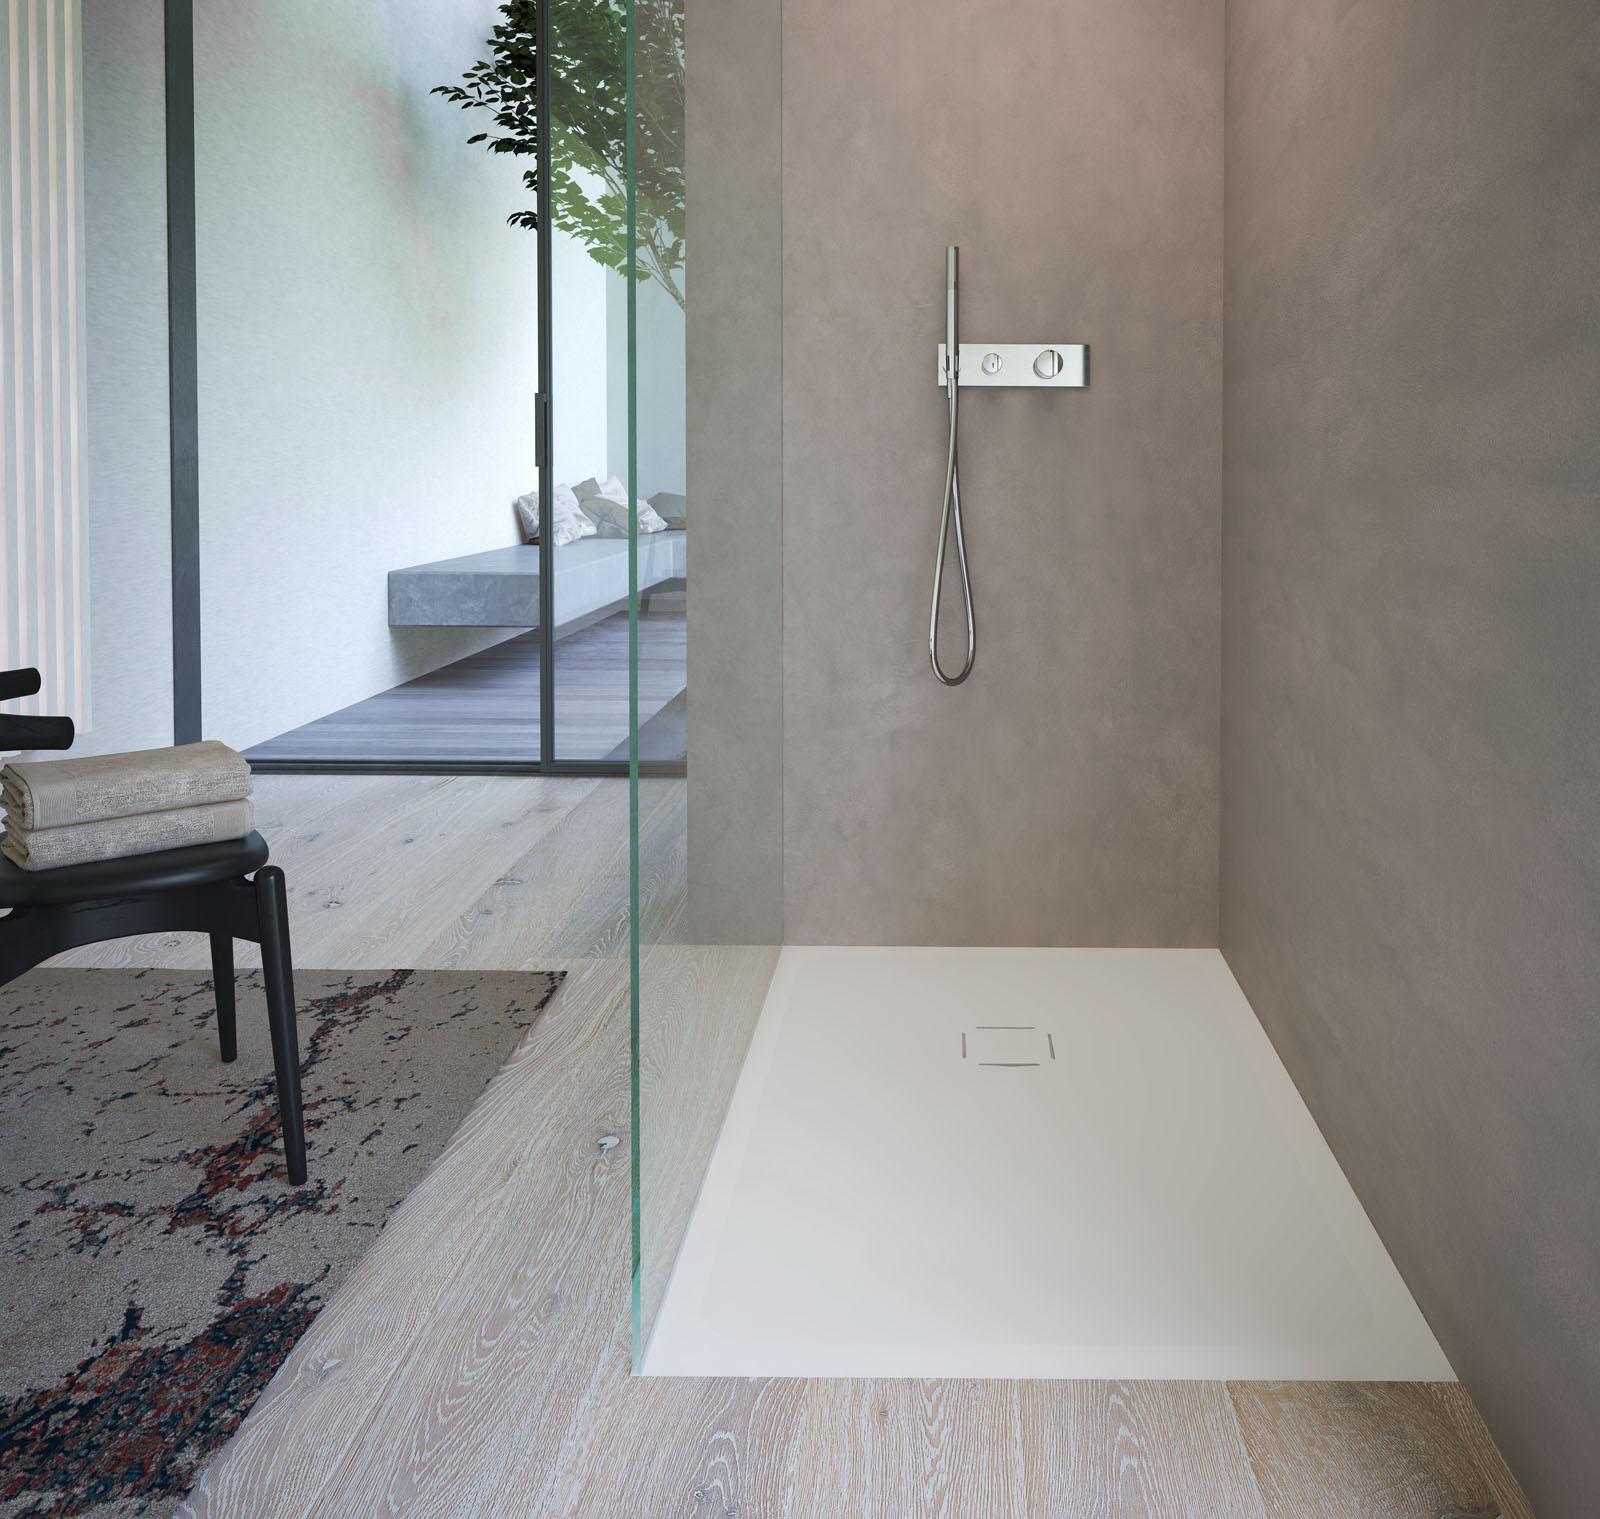 Kubo piatto doccia a filo pavimento in aquatek disenia - Box doccia senza piatto ...